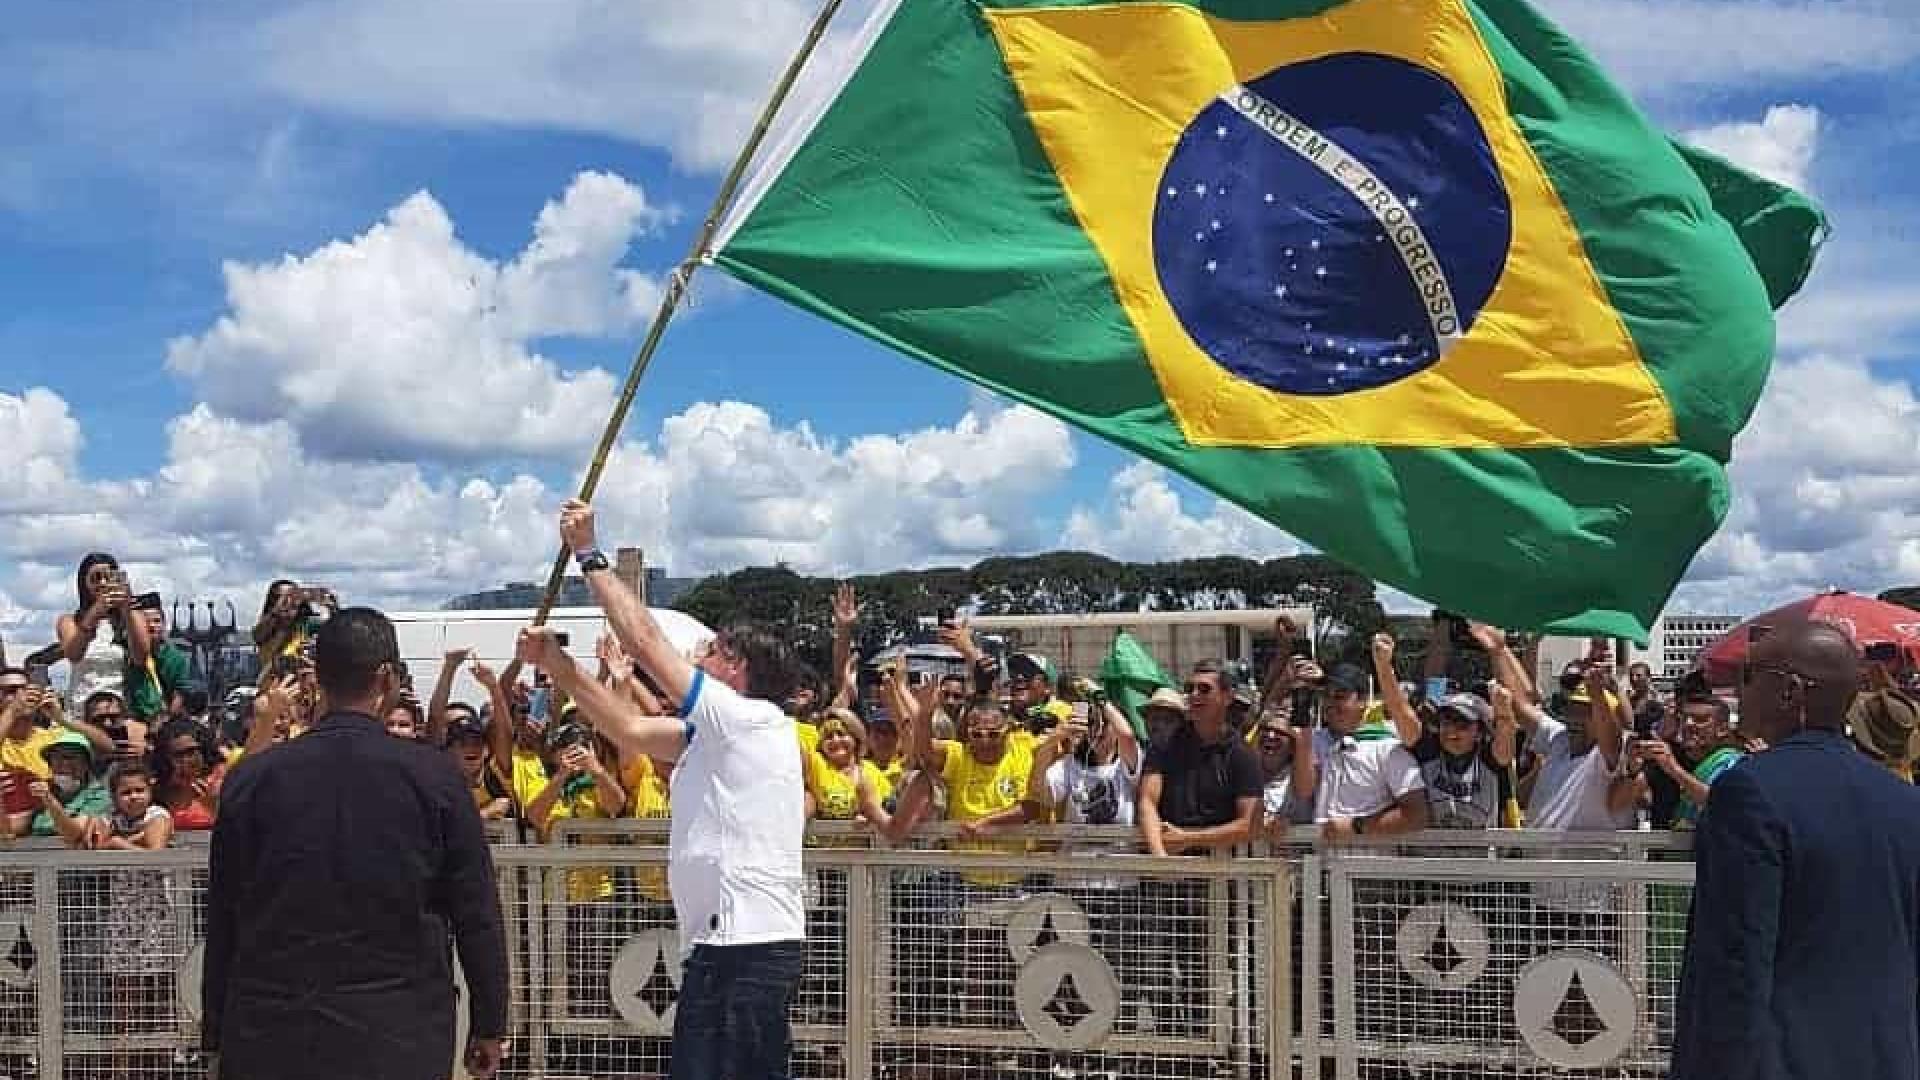 'Todas as representações serão analisadas' diz PGR sobre Bolsonaro